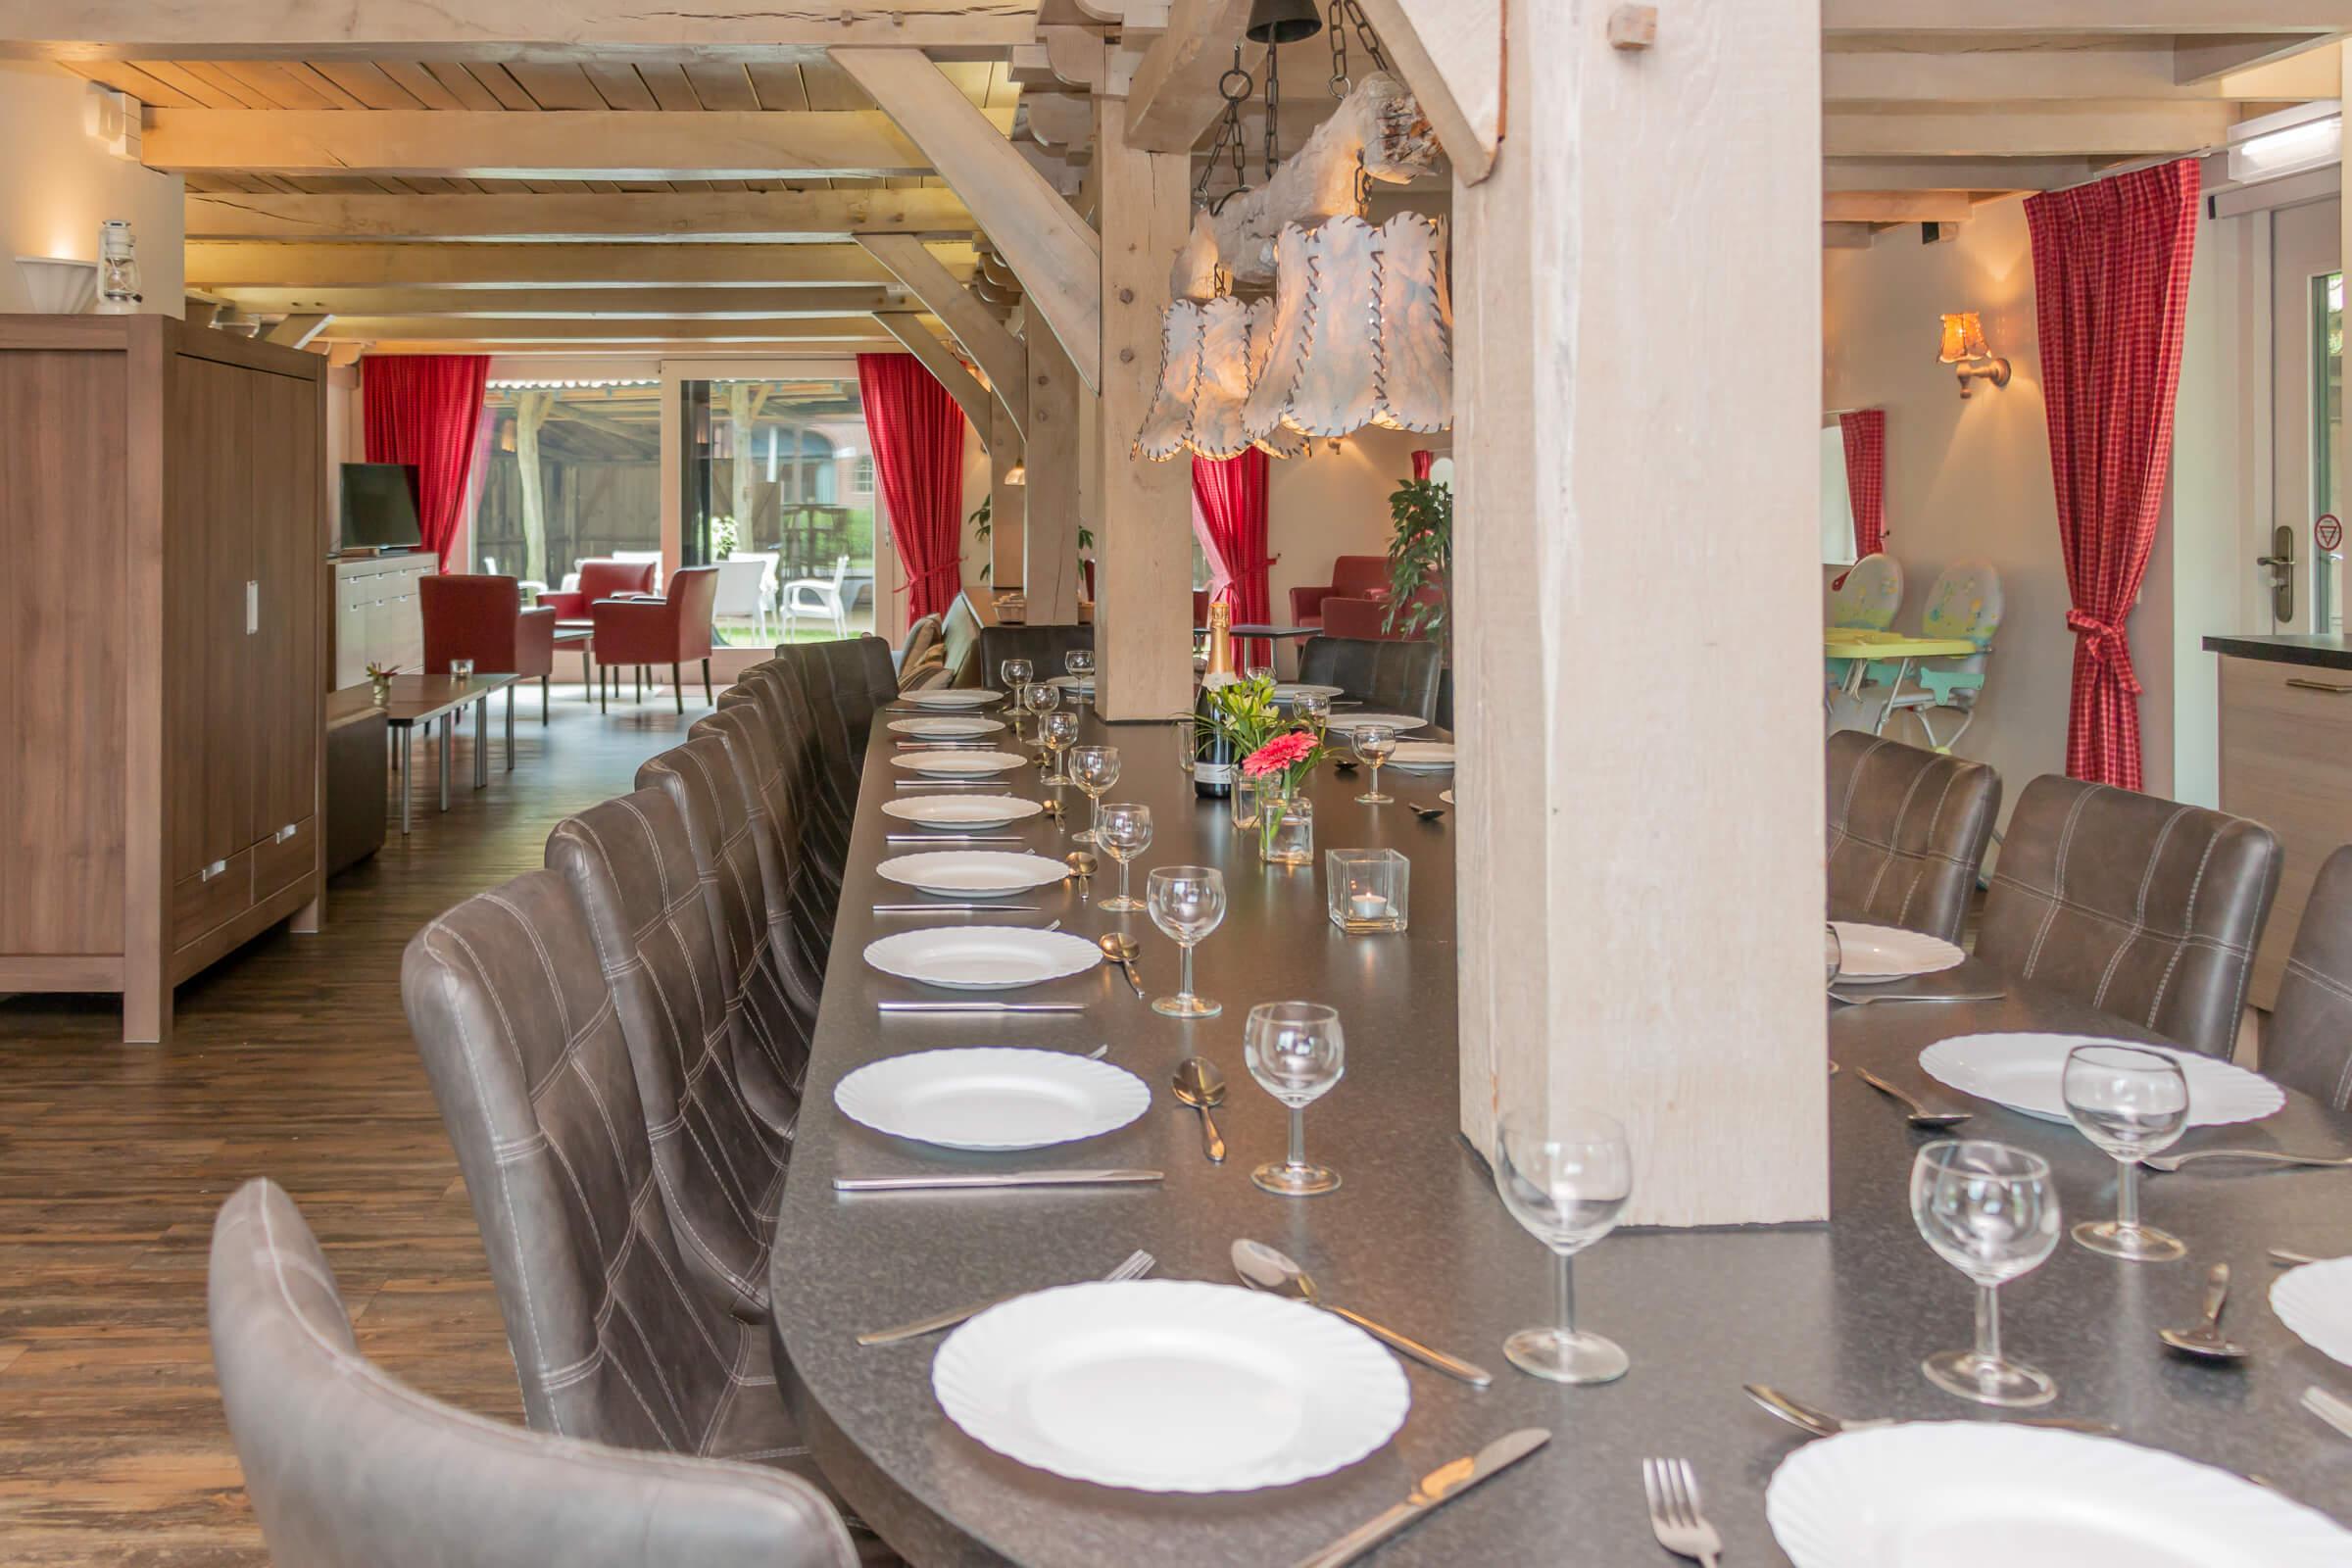 Eettafel In Woonkamer : Eettafel woonkamer keuken de grenswachter